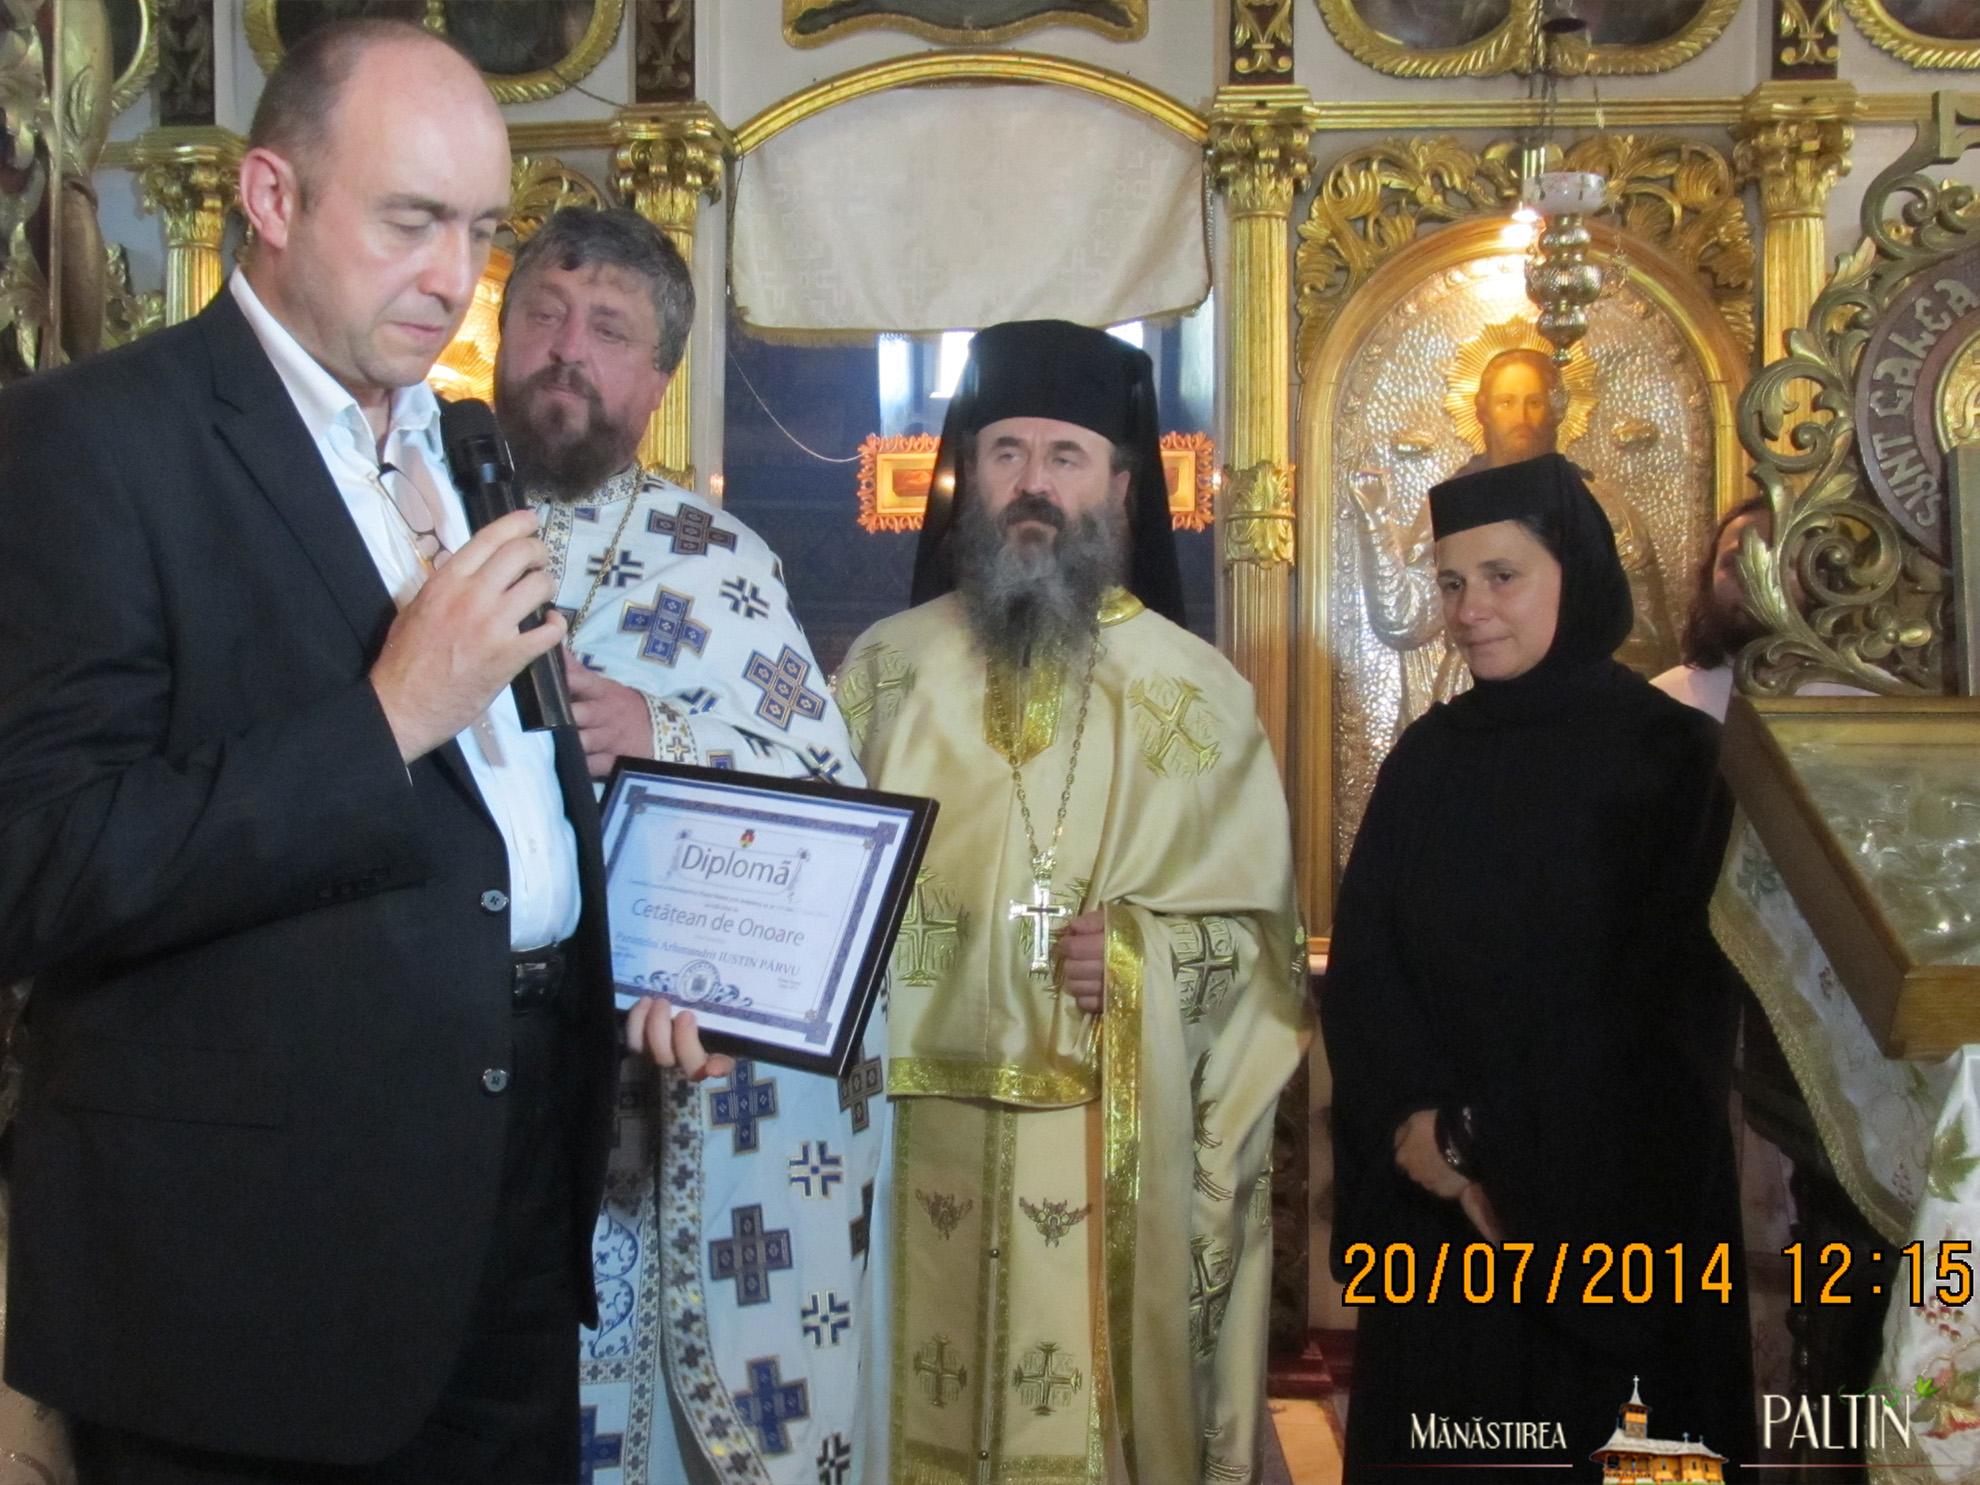 ceremonie_titlu_cetatean-de-onoare-Parintele-Justin-Piatra-Neamt 4